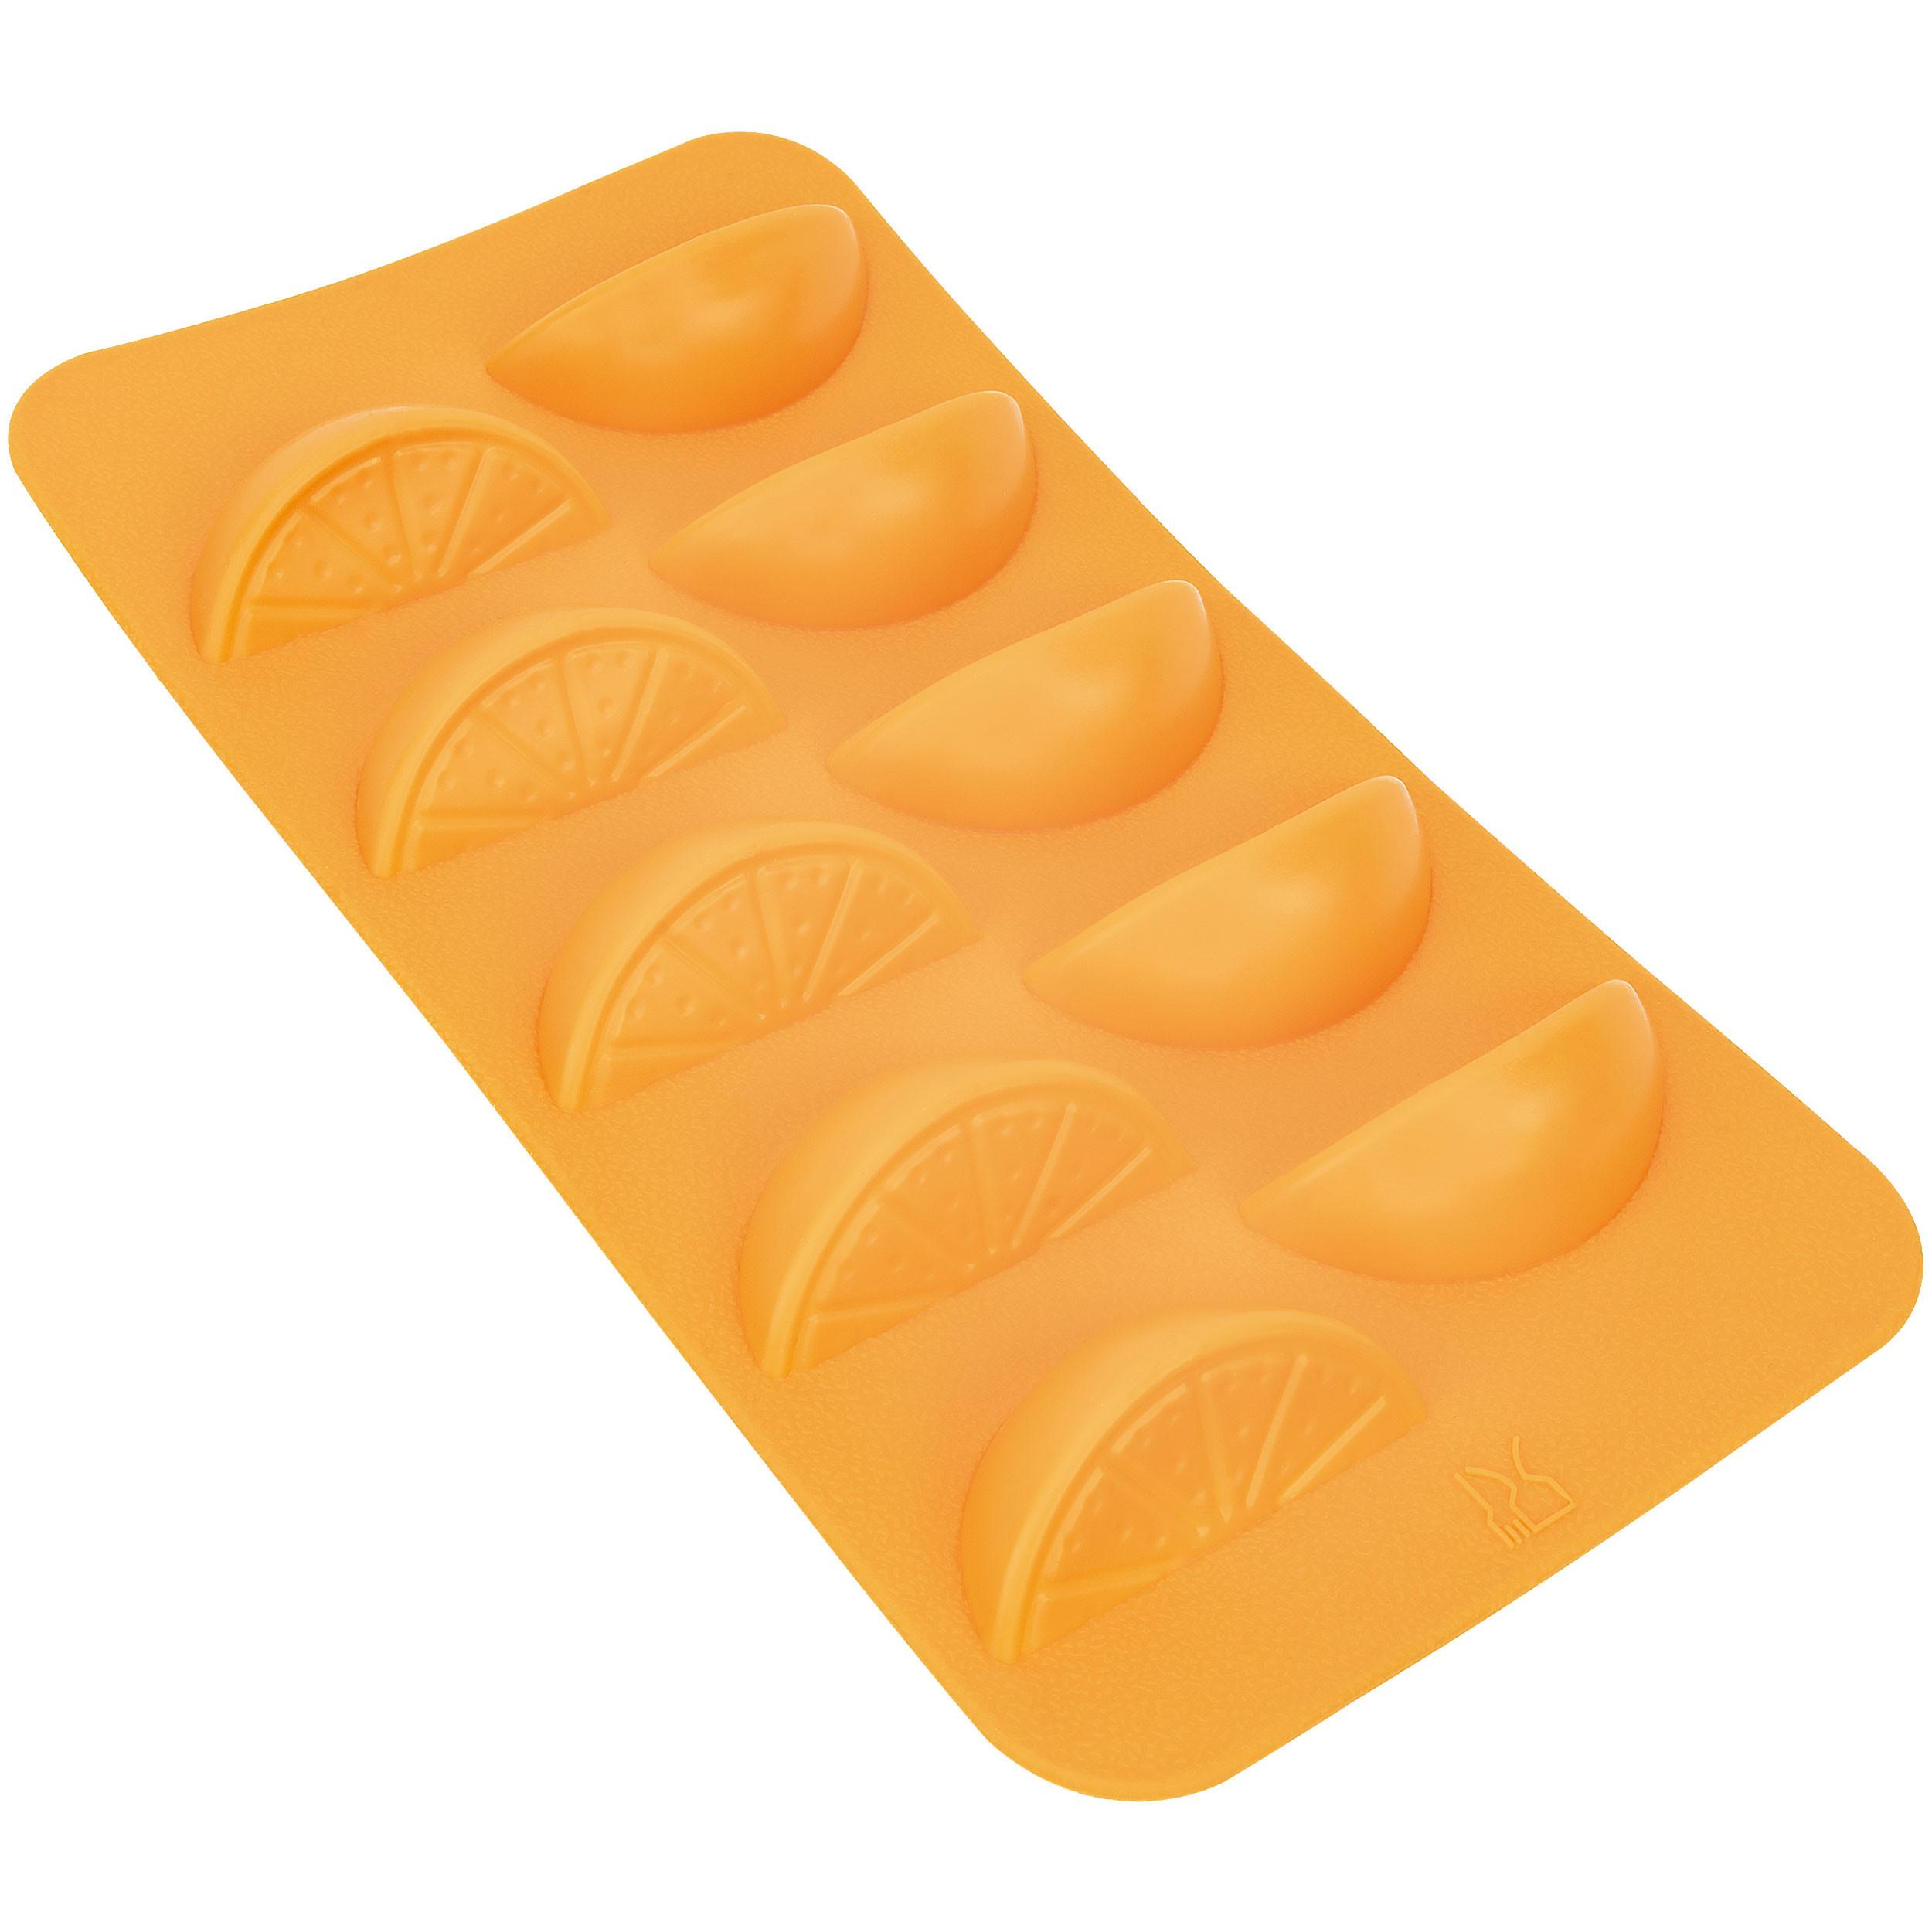 Fairly Odd Novelties FON-10172 Slice Shape Flexible 10 Ice Cube Tray Mold Orange Silicone Novelty Gag Gift, One Size